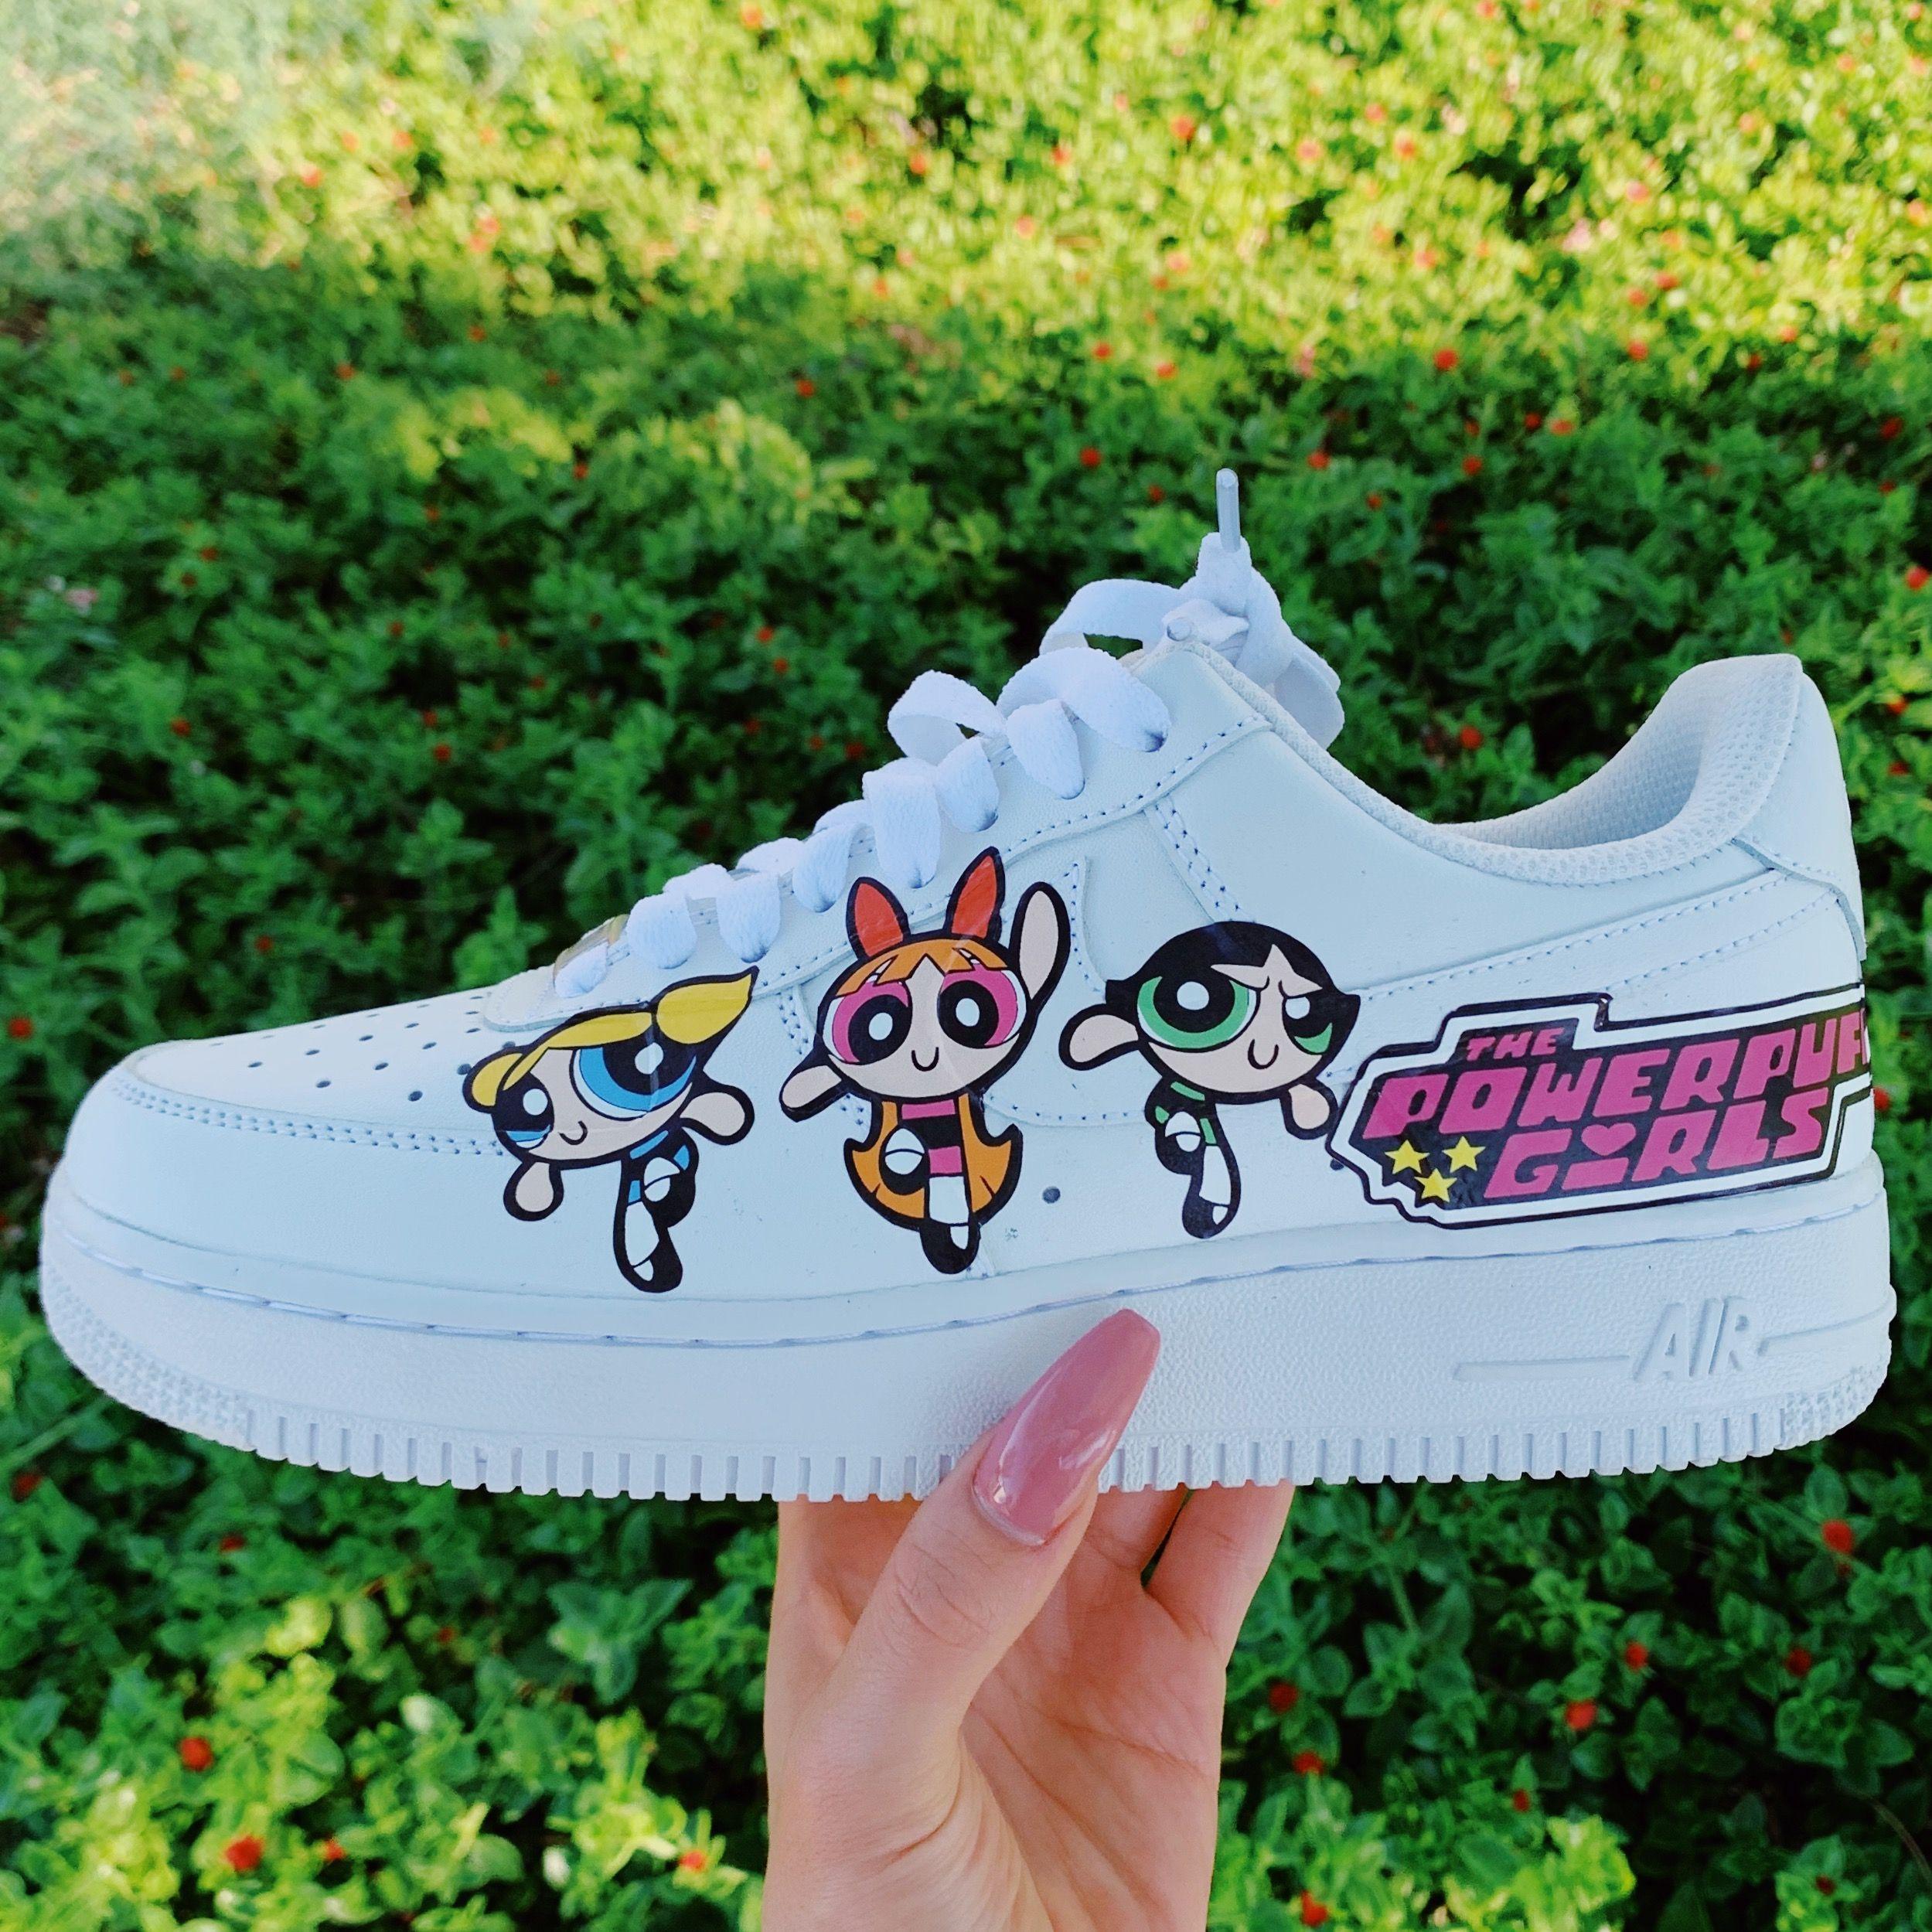 Powerpuff Girls Nike Shoes✨ | Custom